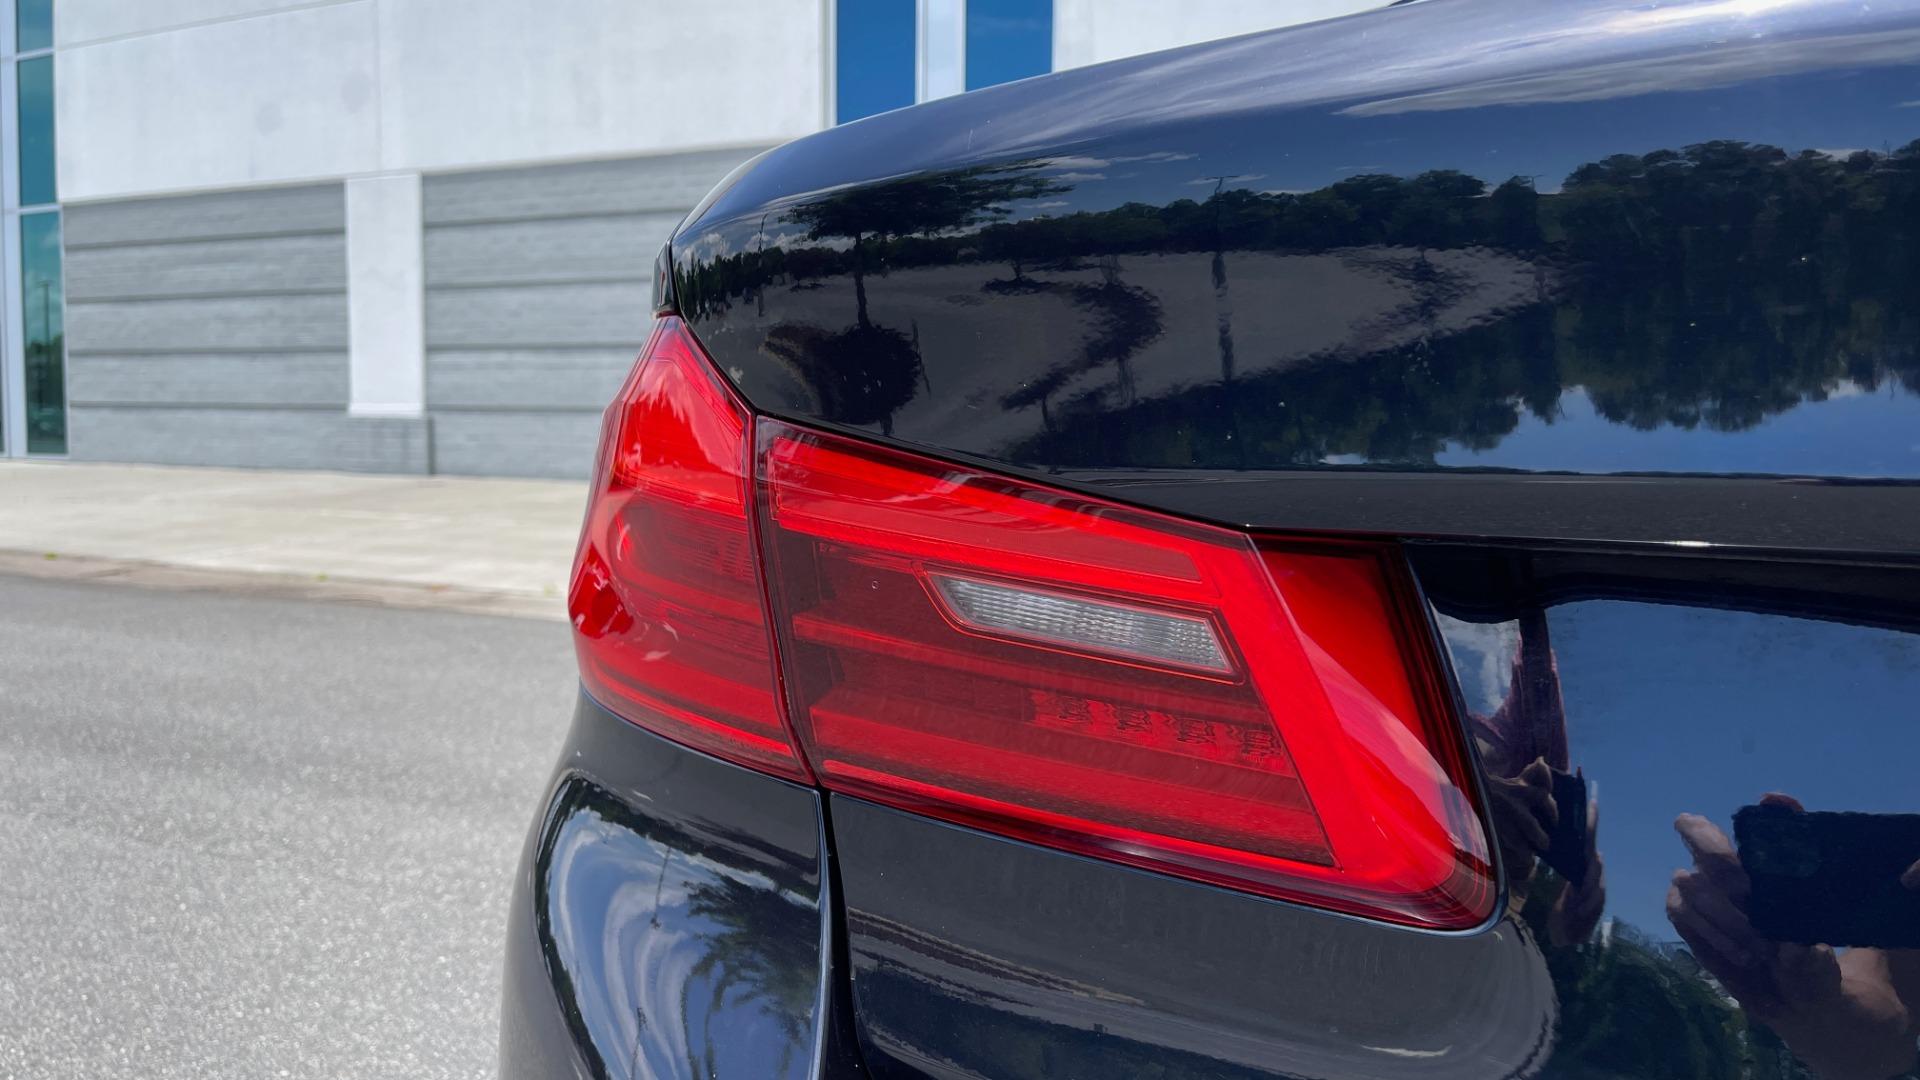 Used 2018 BMW 5 SERIES 540I M-SPORT / EXECUTIVE PKG / DRVR ASST PKG / BLIND SPOT / LANE DEPART for sale $40,995 at Formula Imports in Charlotte NC 28227 27